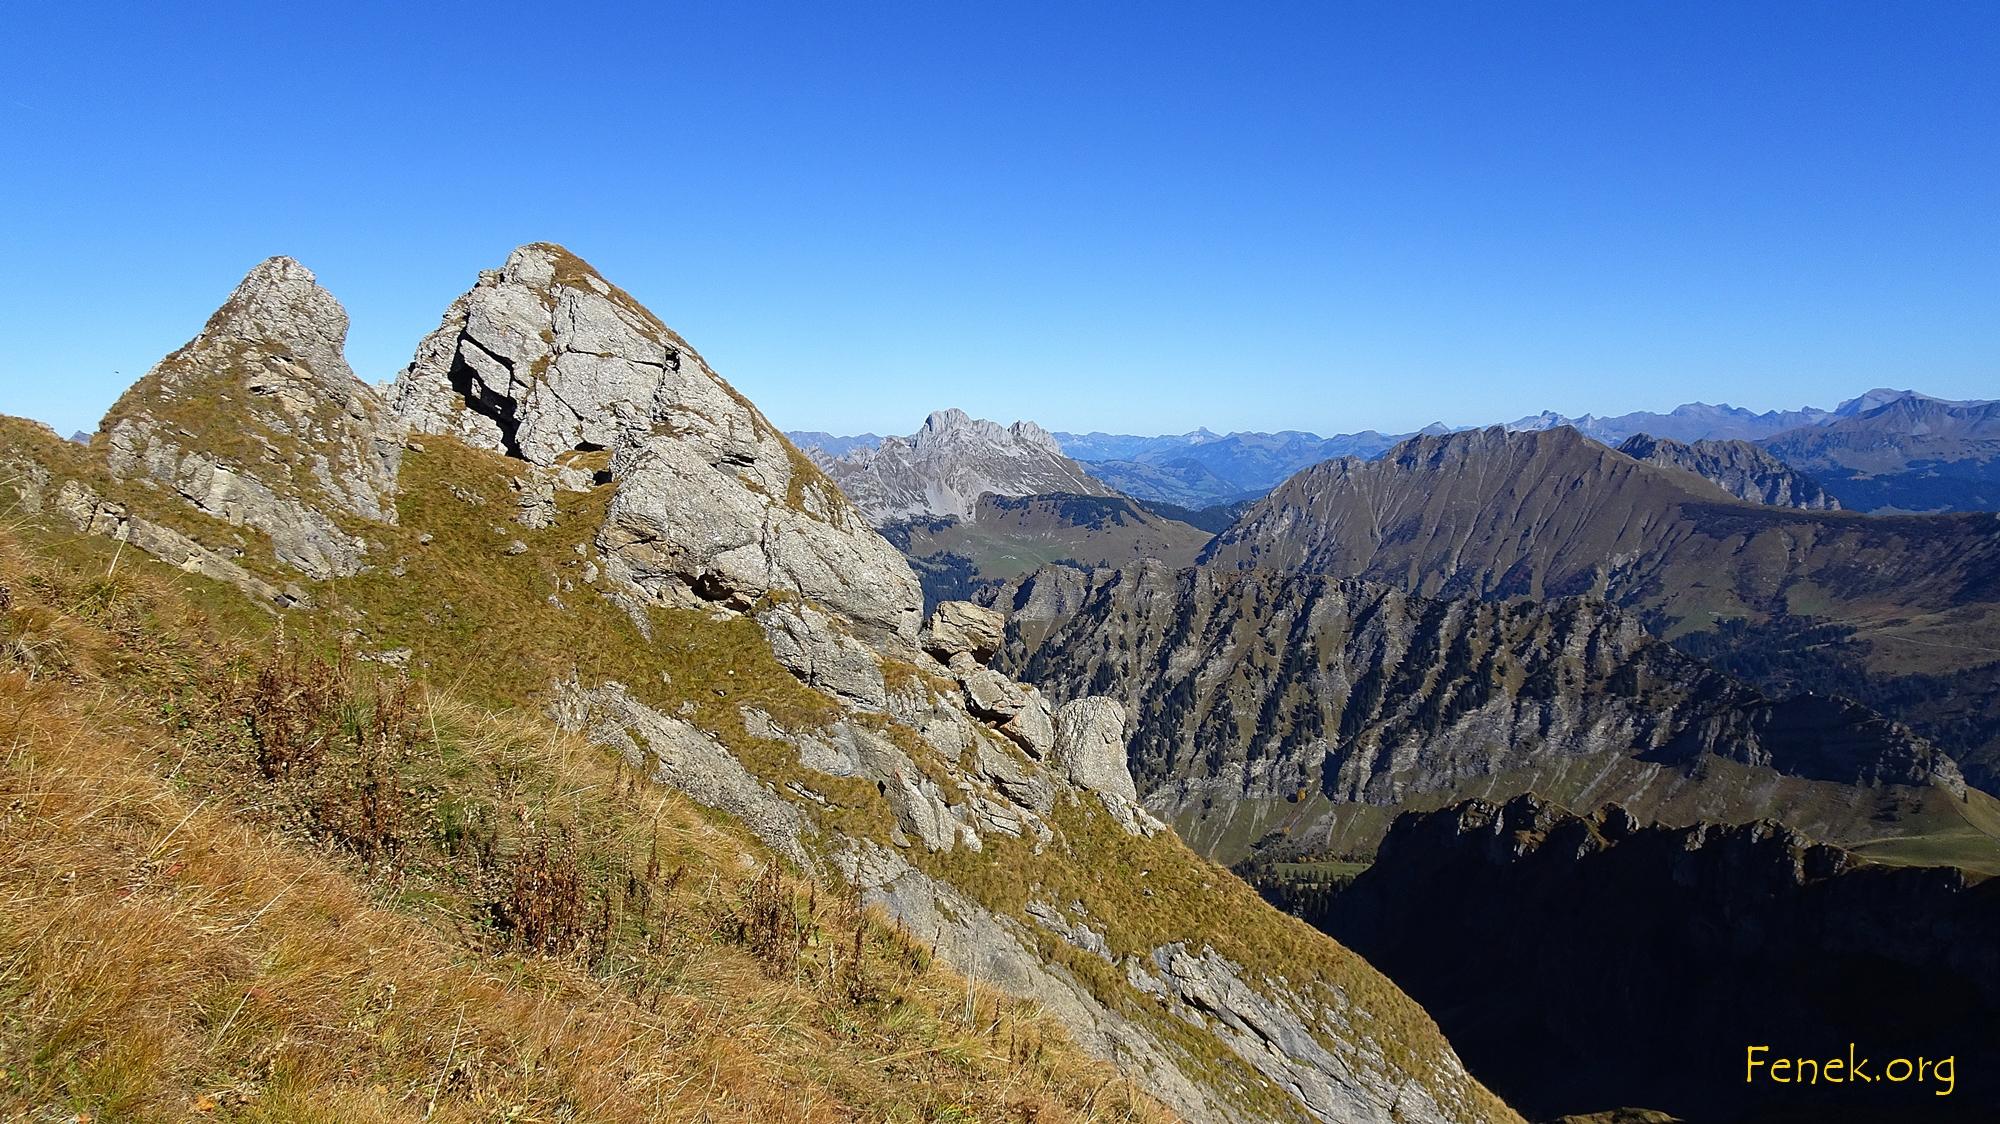 l'Aiguille Gipfelkopf